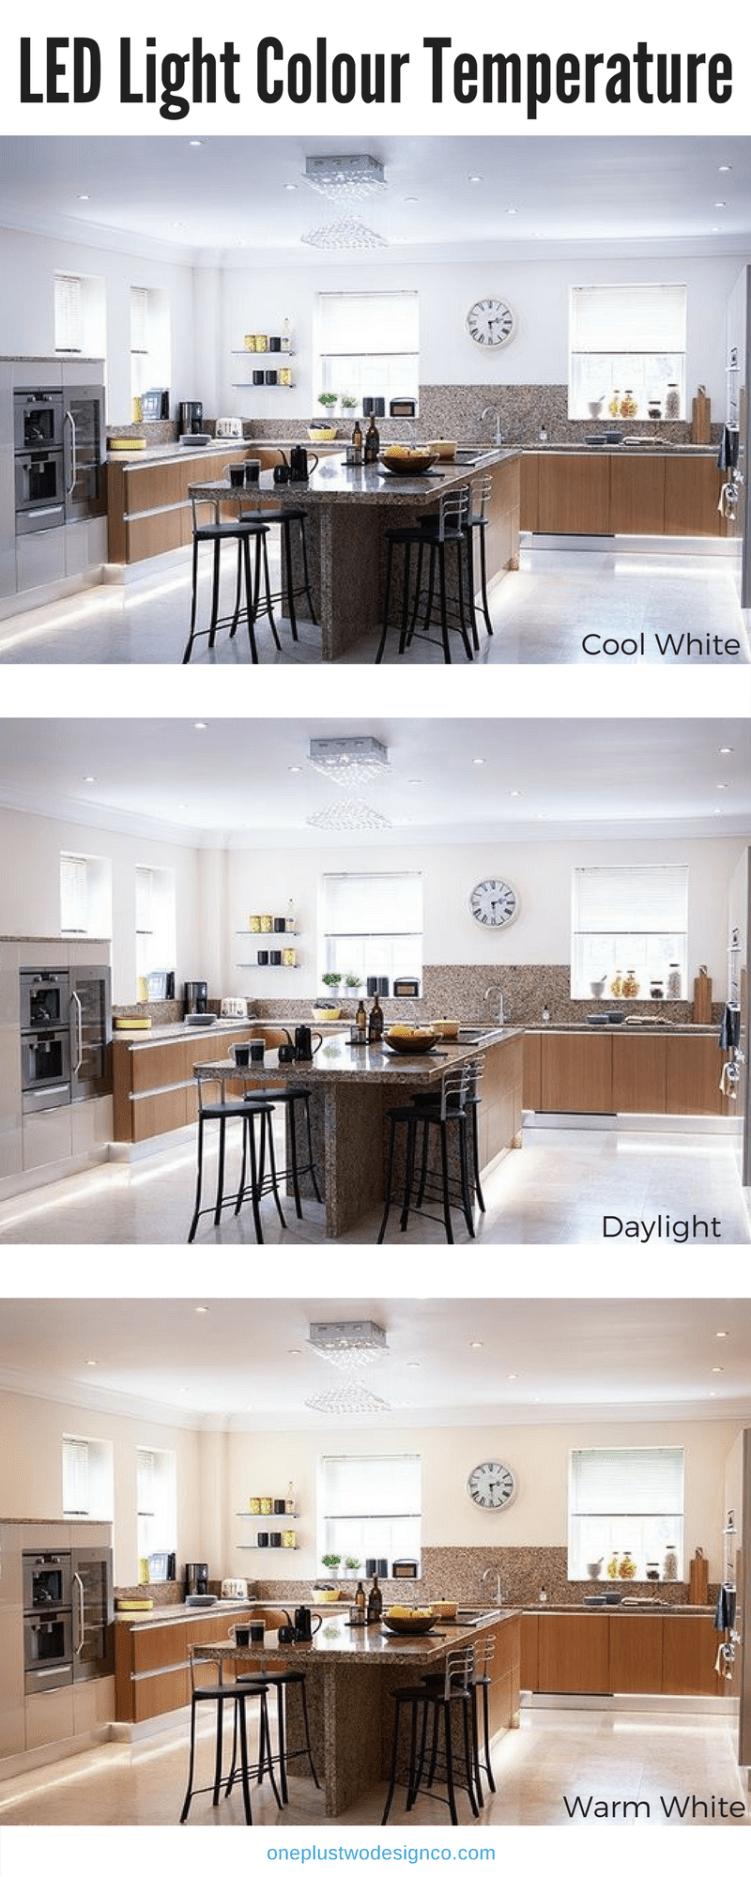 Light Colour Temperature Kitchenlightingcolortemperature